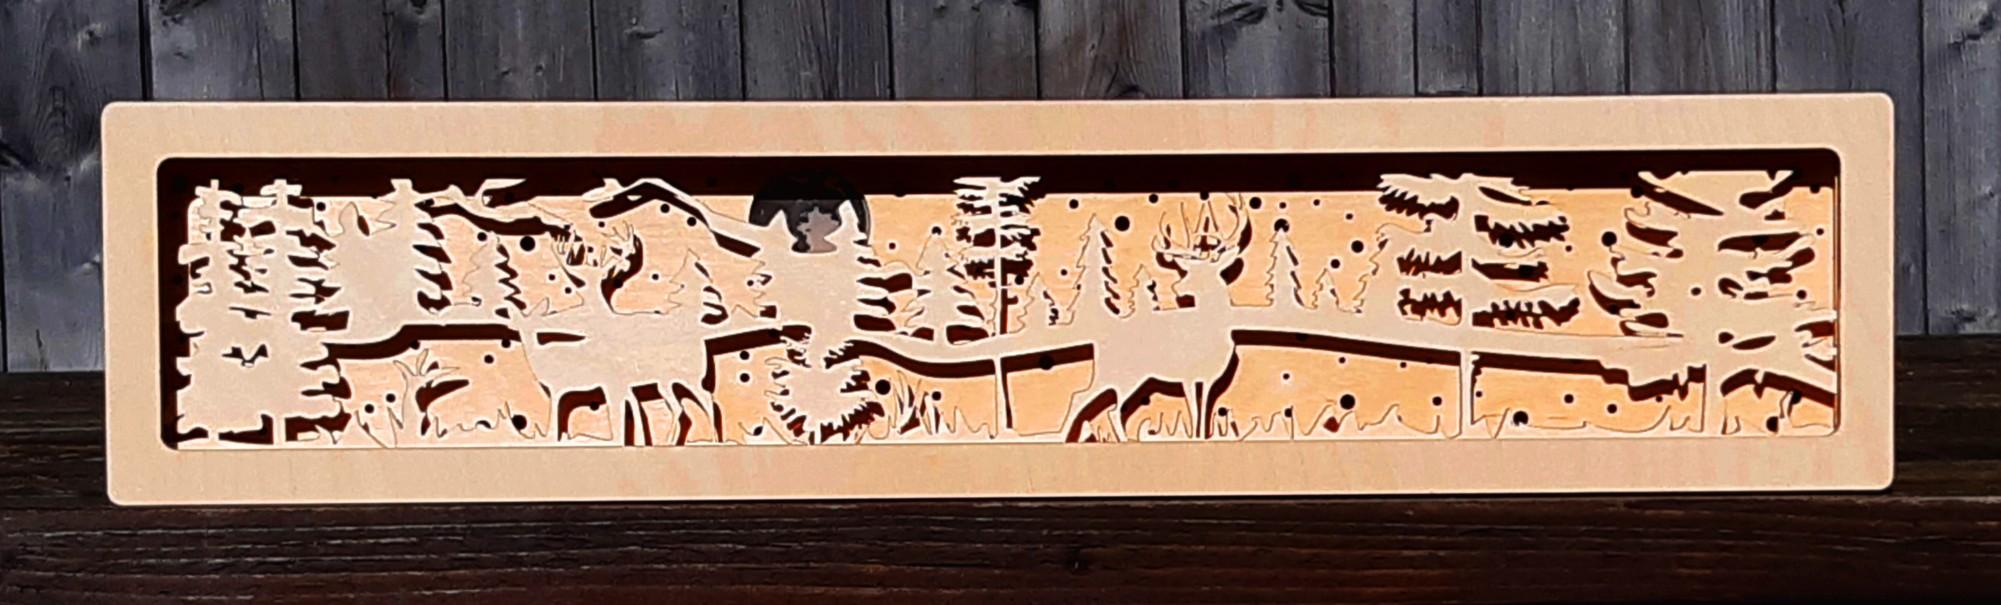 3D Dekoleuchte Hirsche im Wald Vollmond Fensterbank Schwibbogen Untersetzer Erhöhung Rotwild mister-clever (1)